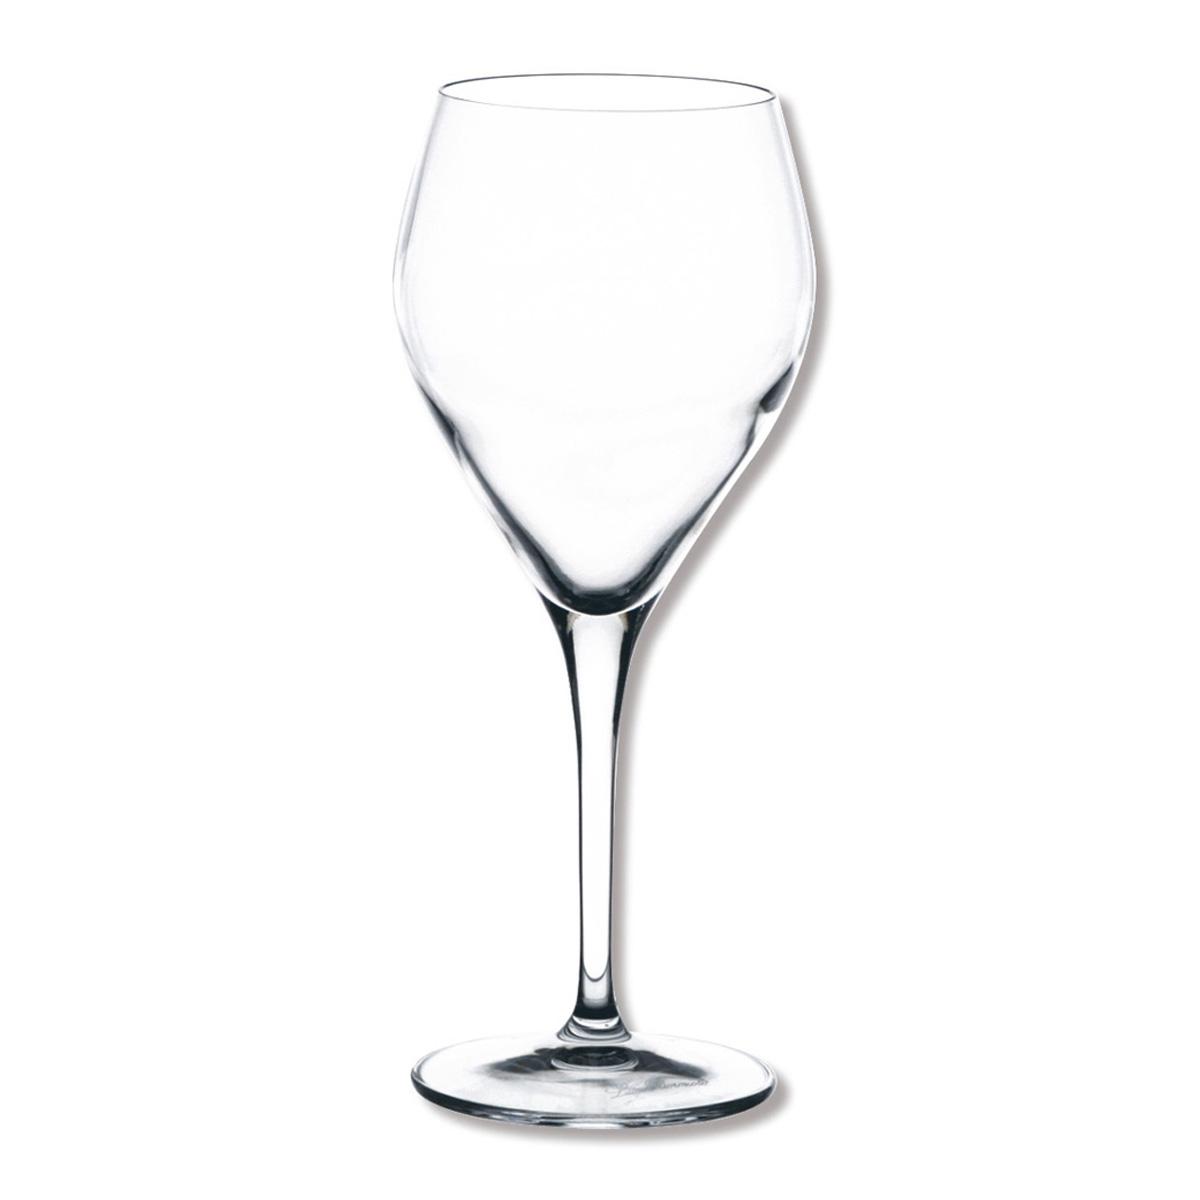 Verre A Vin Moderne verre à vin chic et moderne - collection ultime - 20cl - bruno evrard